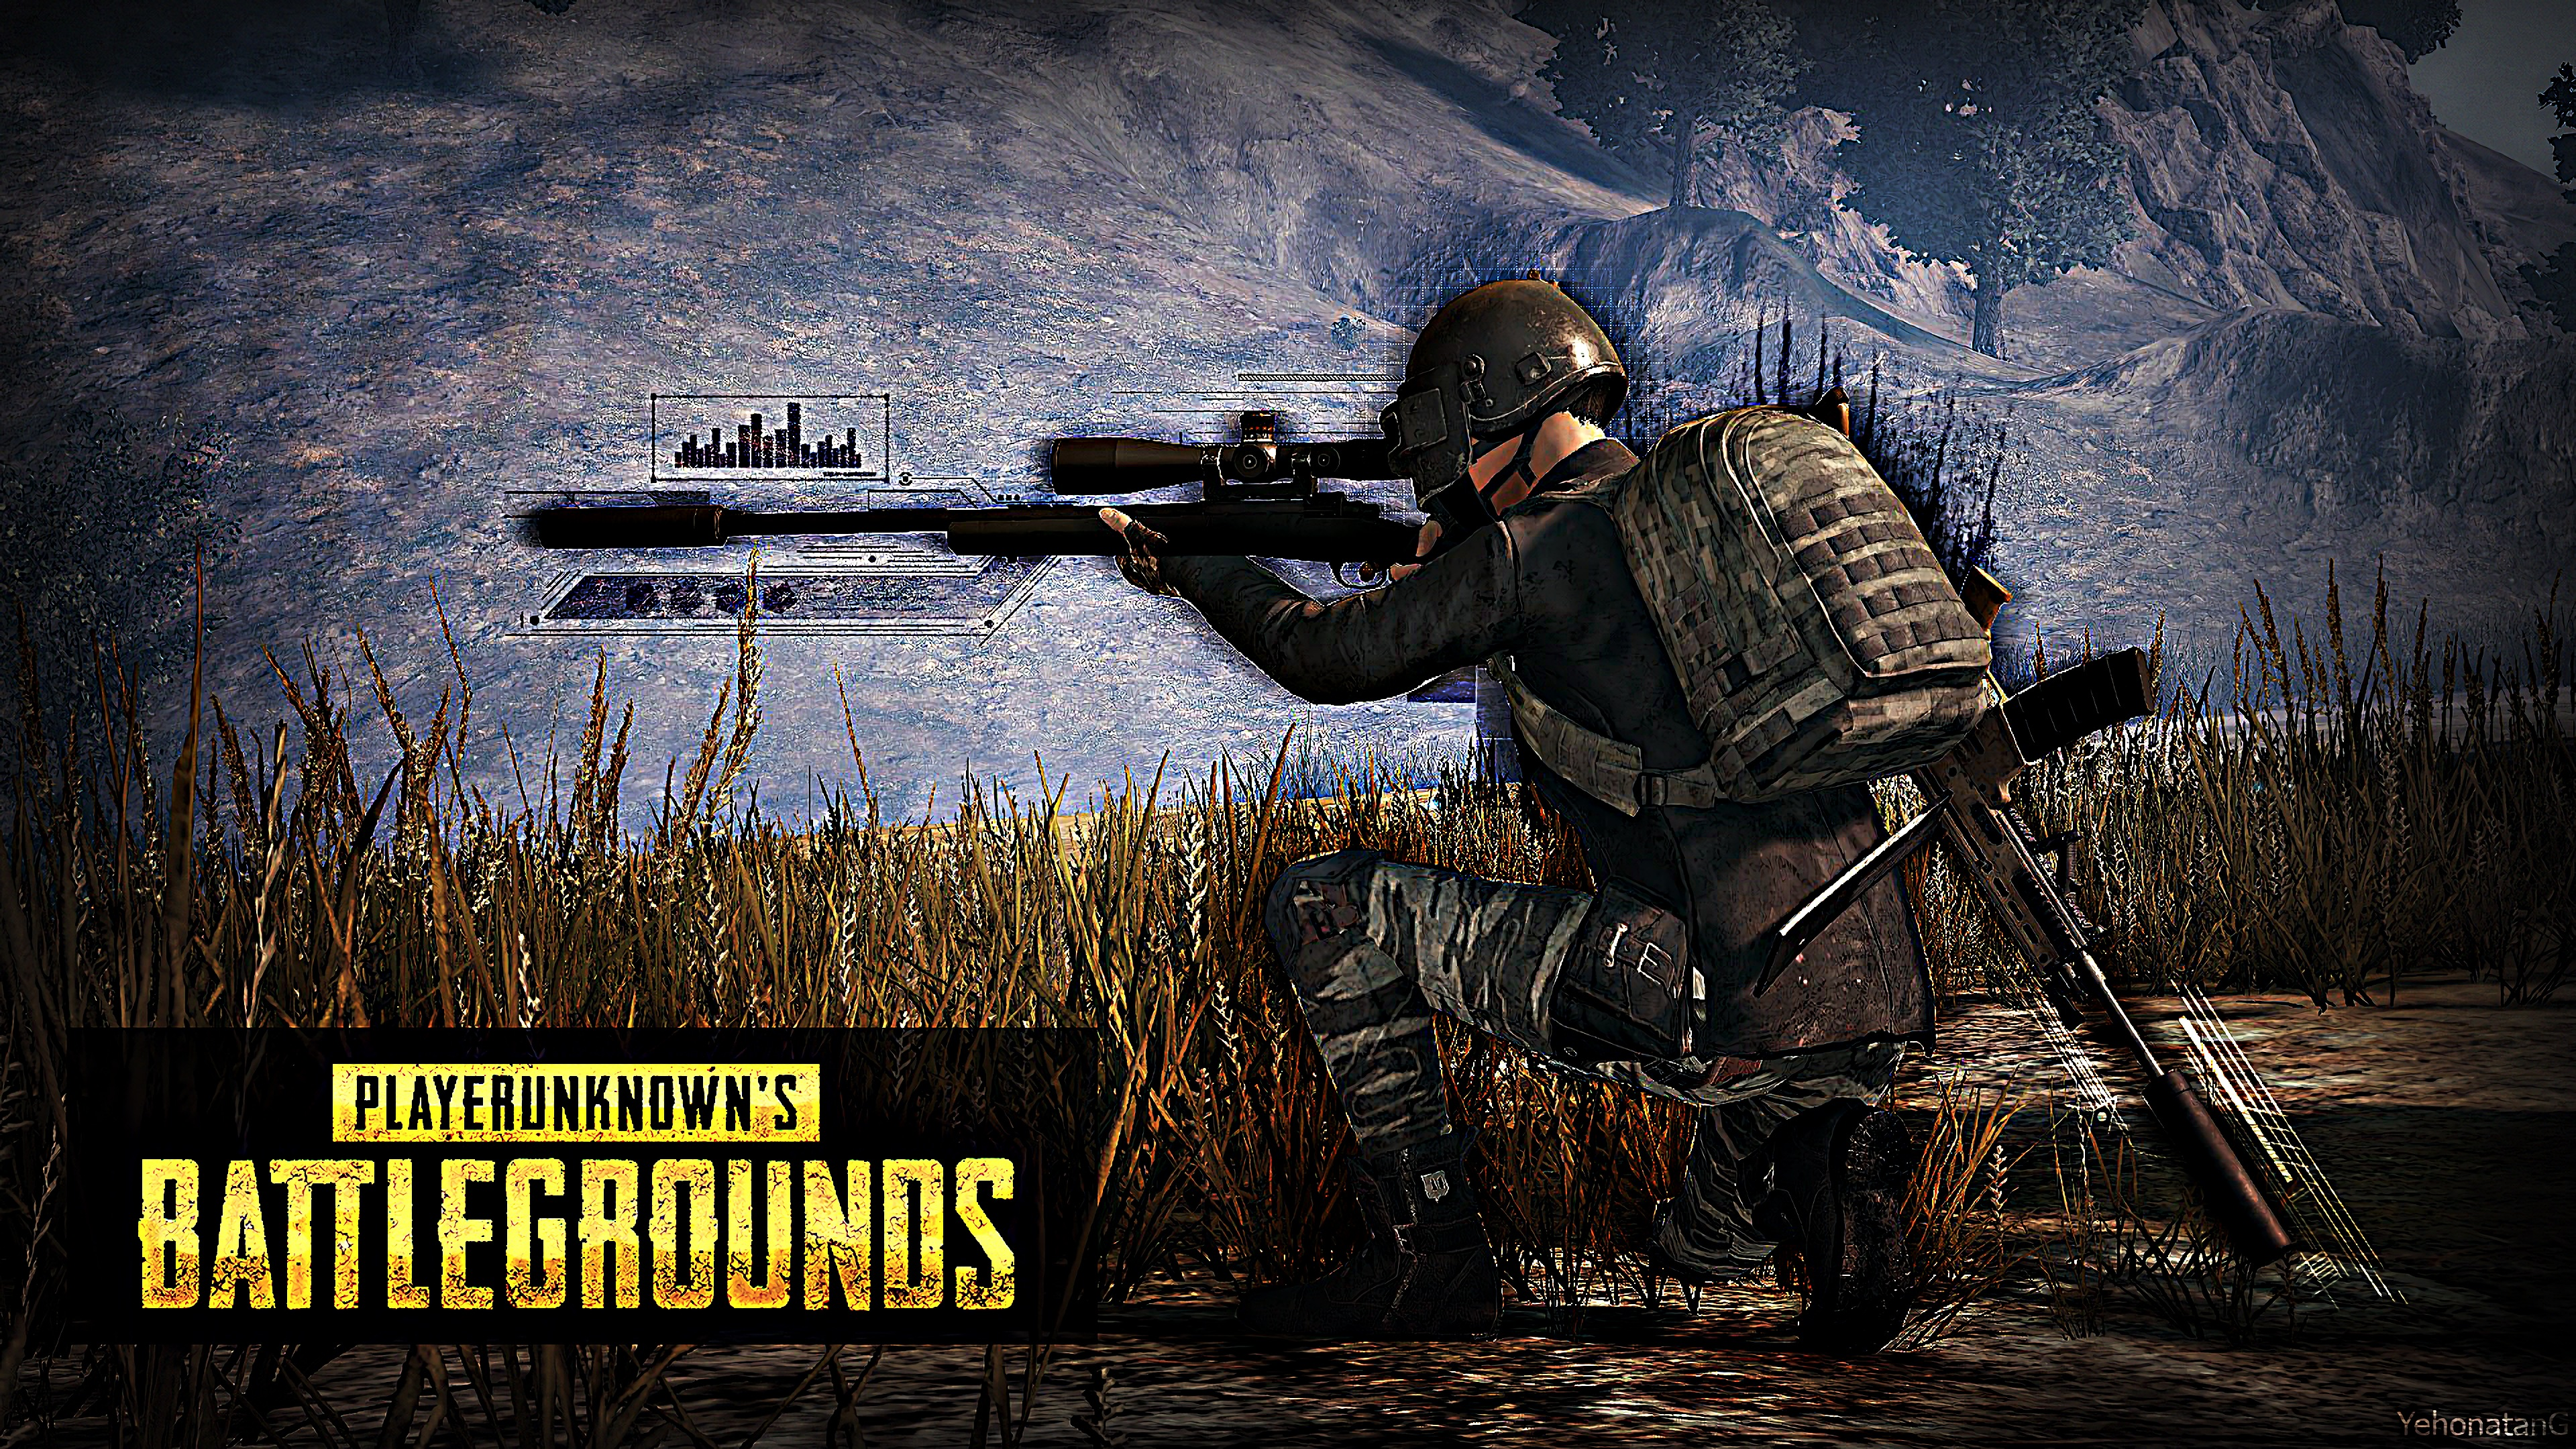 pubg playerunknown s battlegrounds sniper 4k wallpaper 1544828177 - PUBG PlayerUnknown's Battlegrounds Sniper 4K Wallpaper - PlayerUnknown's Battlegrounds (PUBG) 4k wallpapers